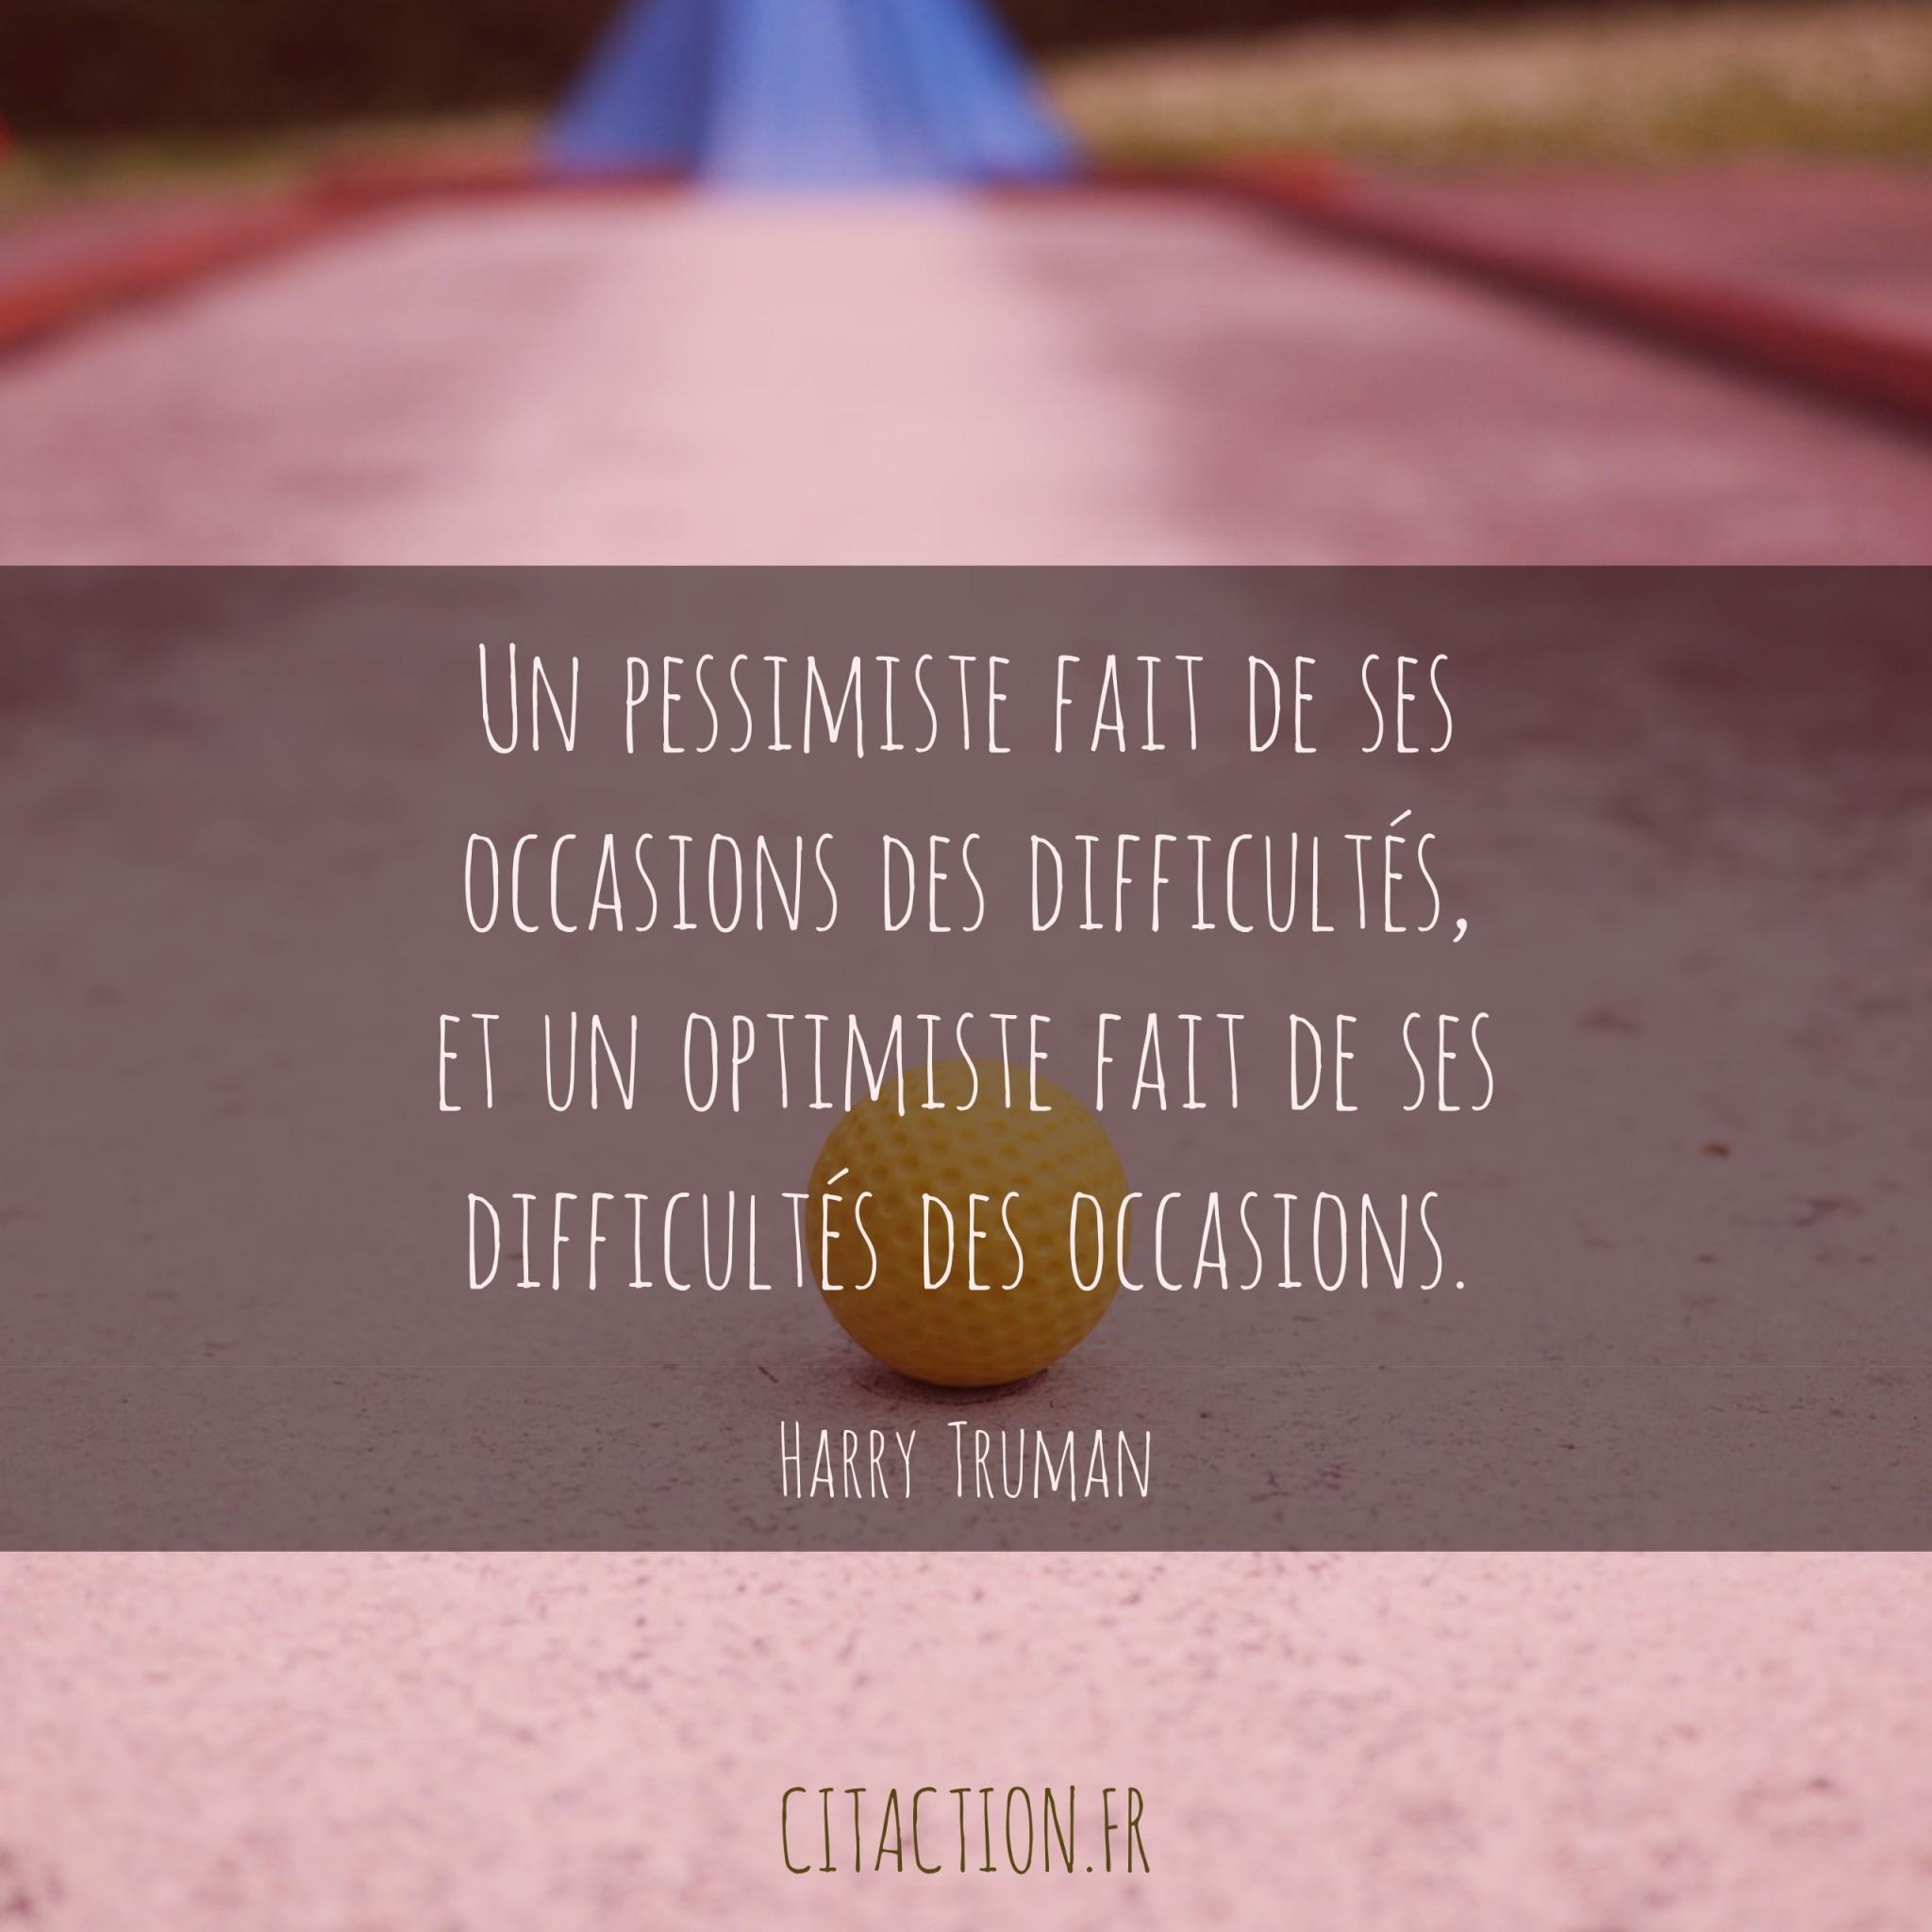 Un pessimiste fait de ses occasions des difficultés, et un optimiste fait de ses difficultés des occasions.